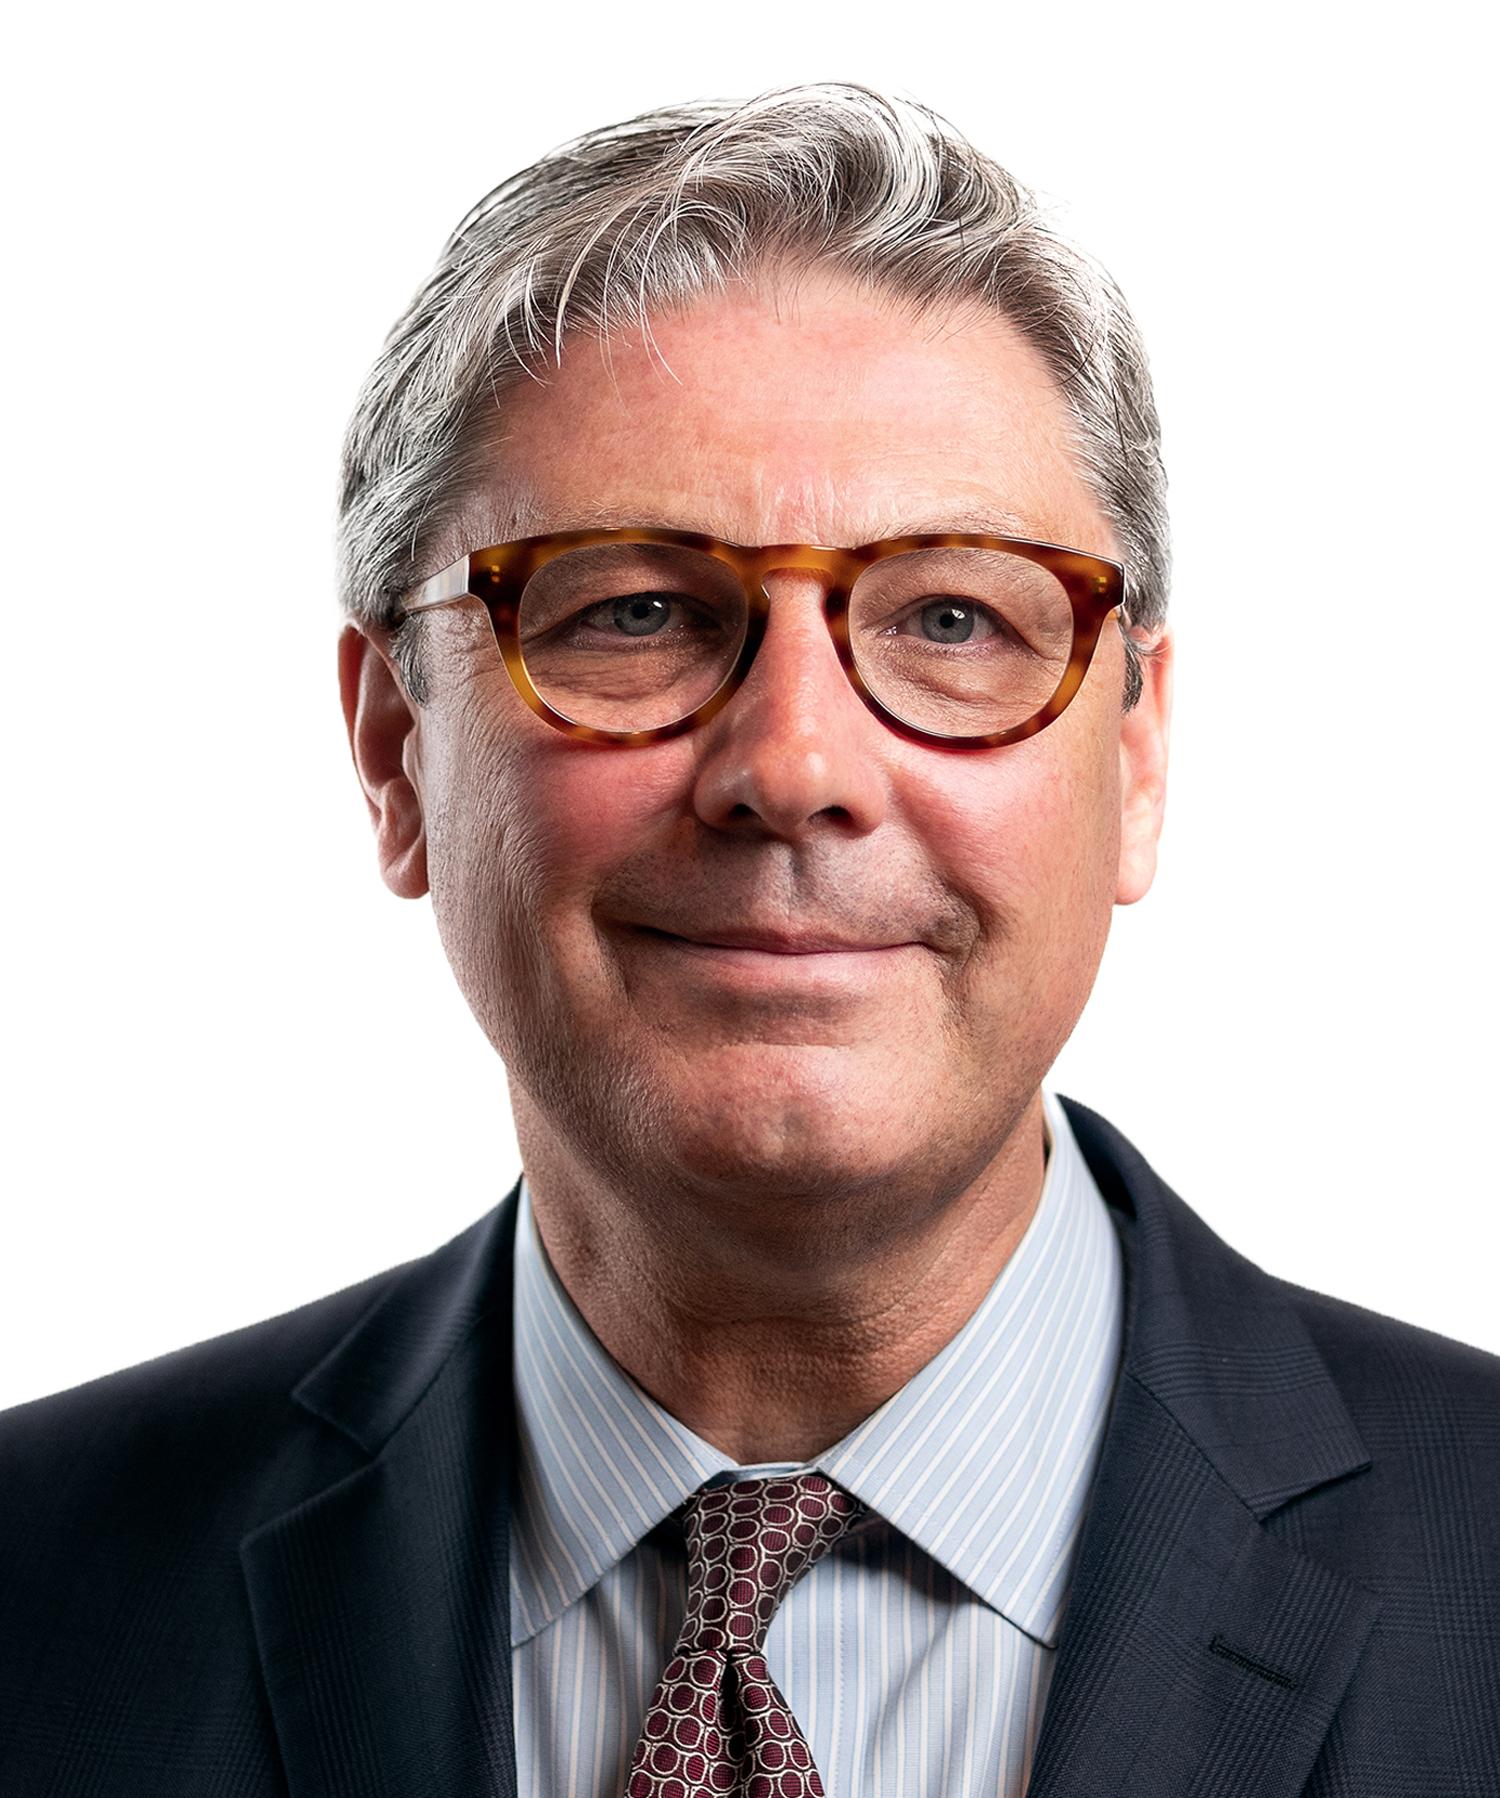 Sean E. D. Fairhurst